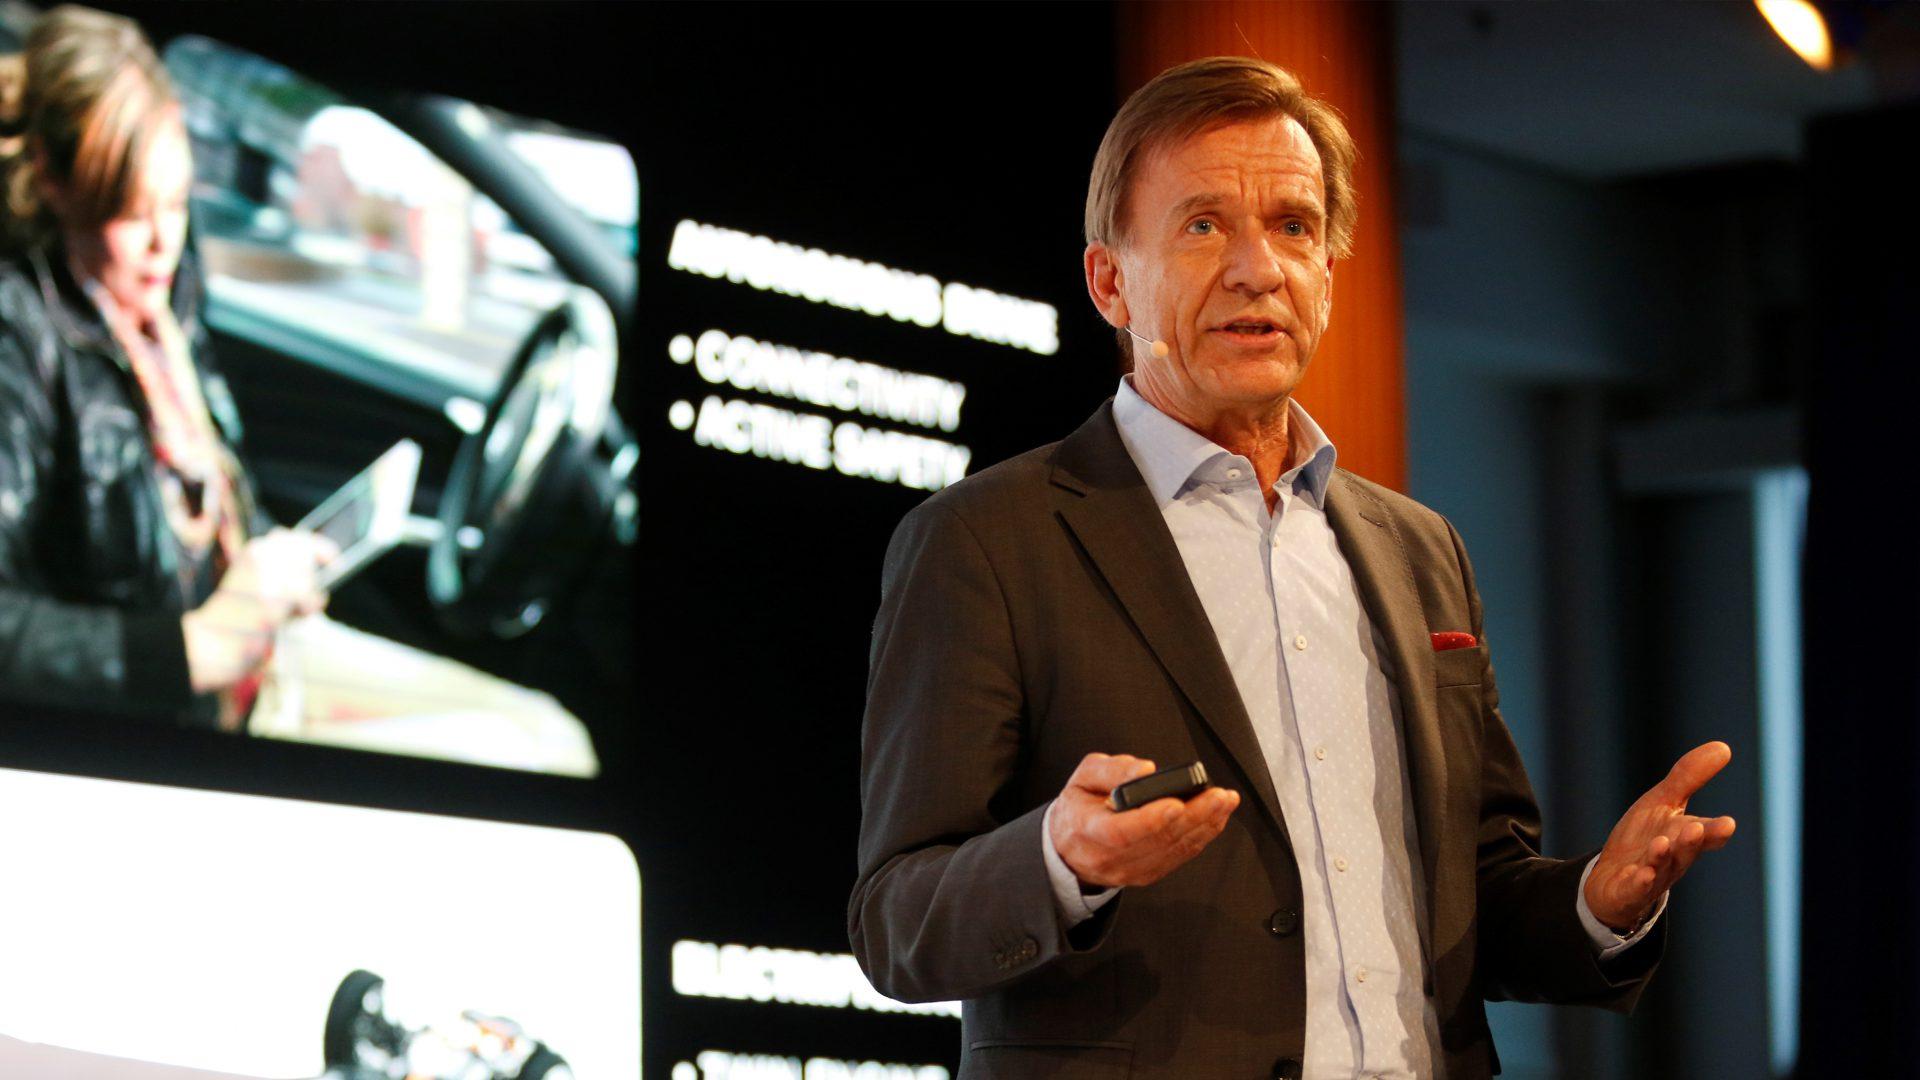 Wir stellen den Menschen in den Mittelpunkt –mit autonomen Fahrzeugen